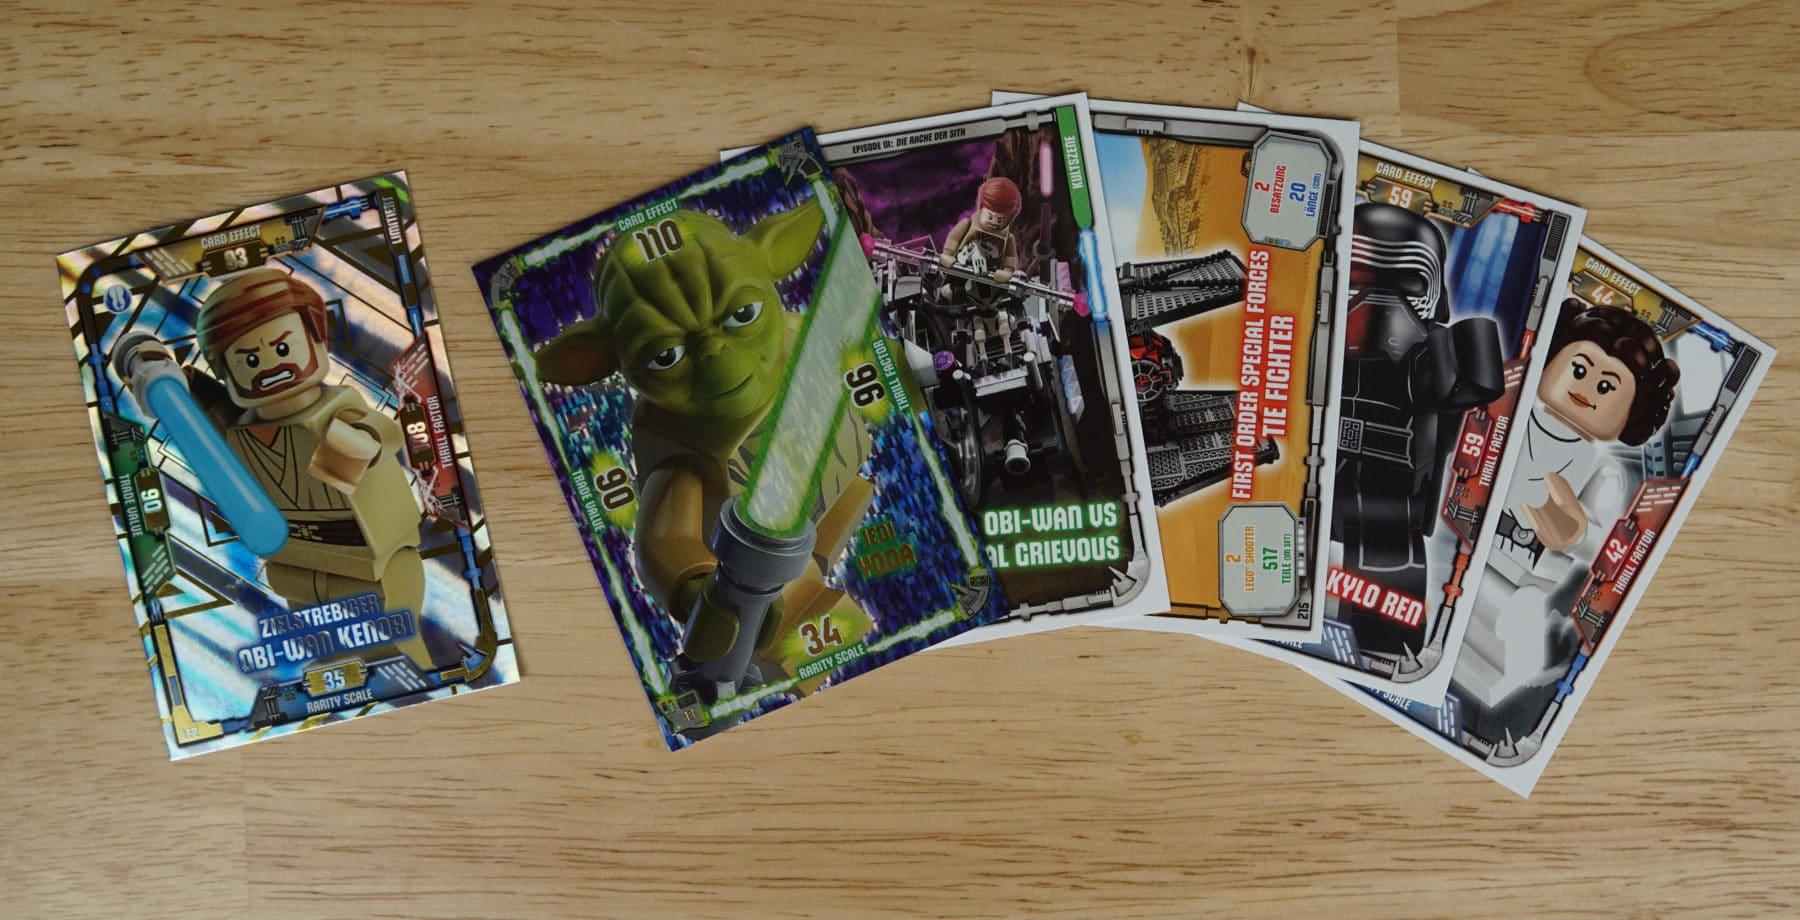 LEGO Star Wars Magazin #39: Enthaltene Sammelkarten